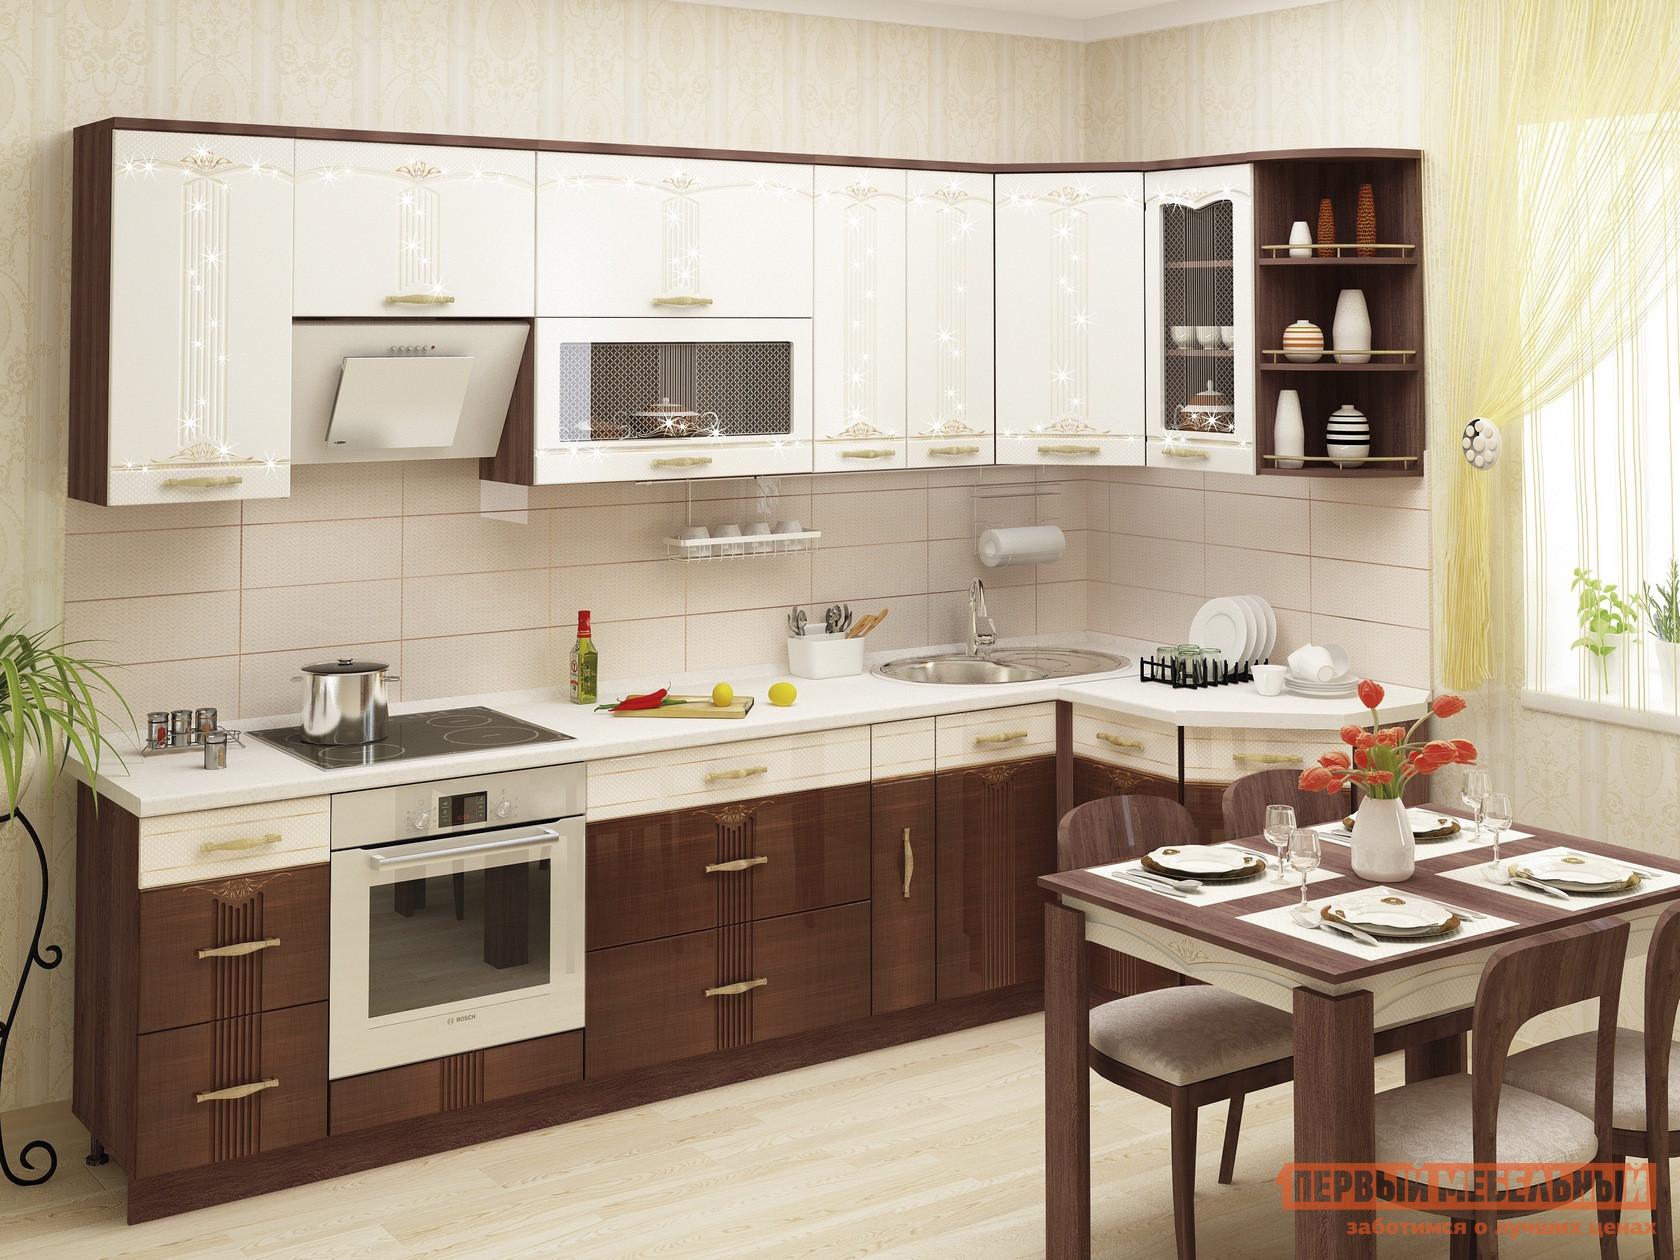 Кухонный гарнитур Витра Каролина К2 кухонный гарнитур витра глория 3 к1